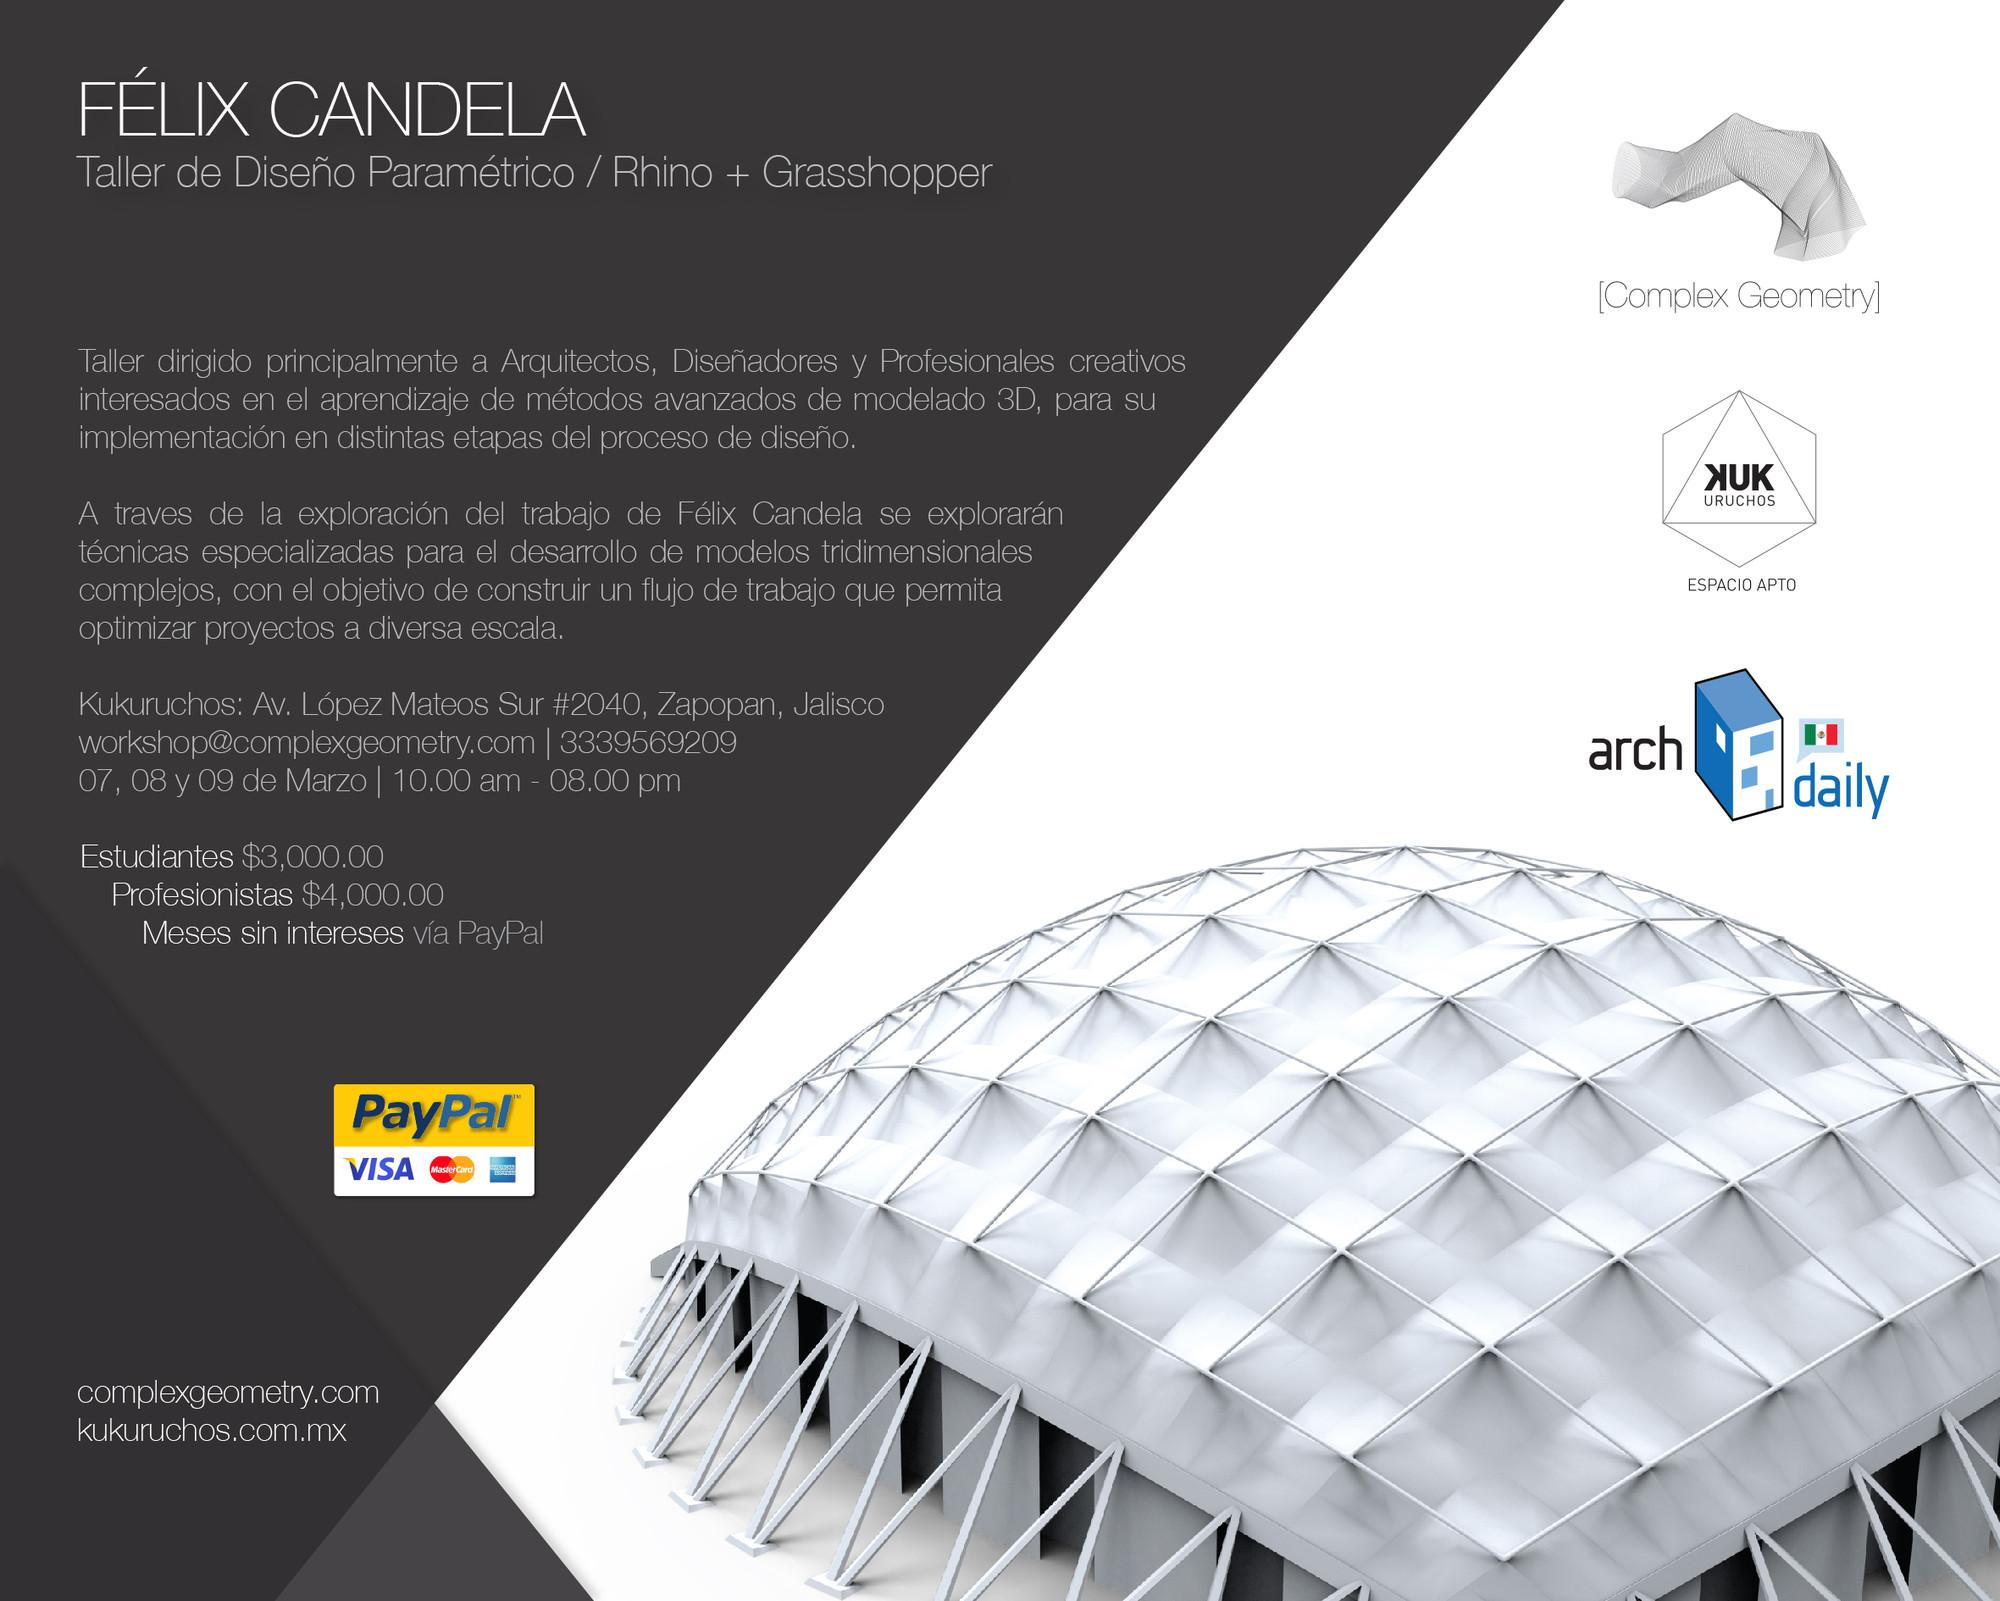 Taller de Arquitectura Paramétrica Félix Candela / Complex Geometry [¡Sorteamos un cupo!], Cortesía Complex Geometry